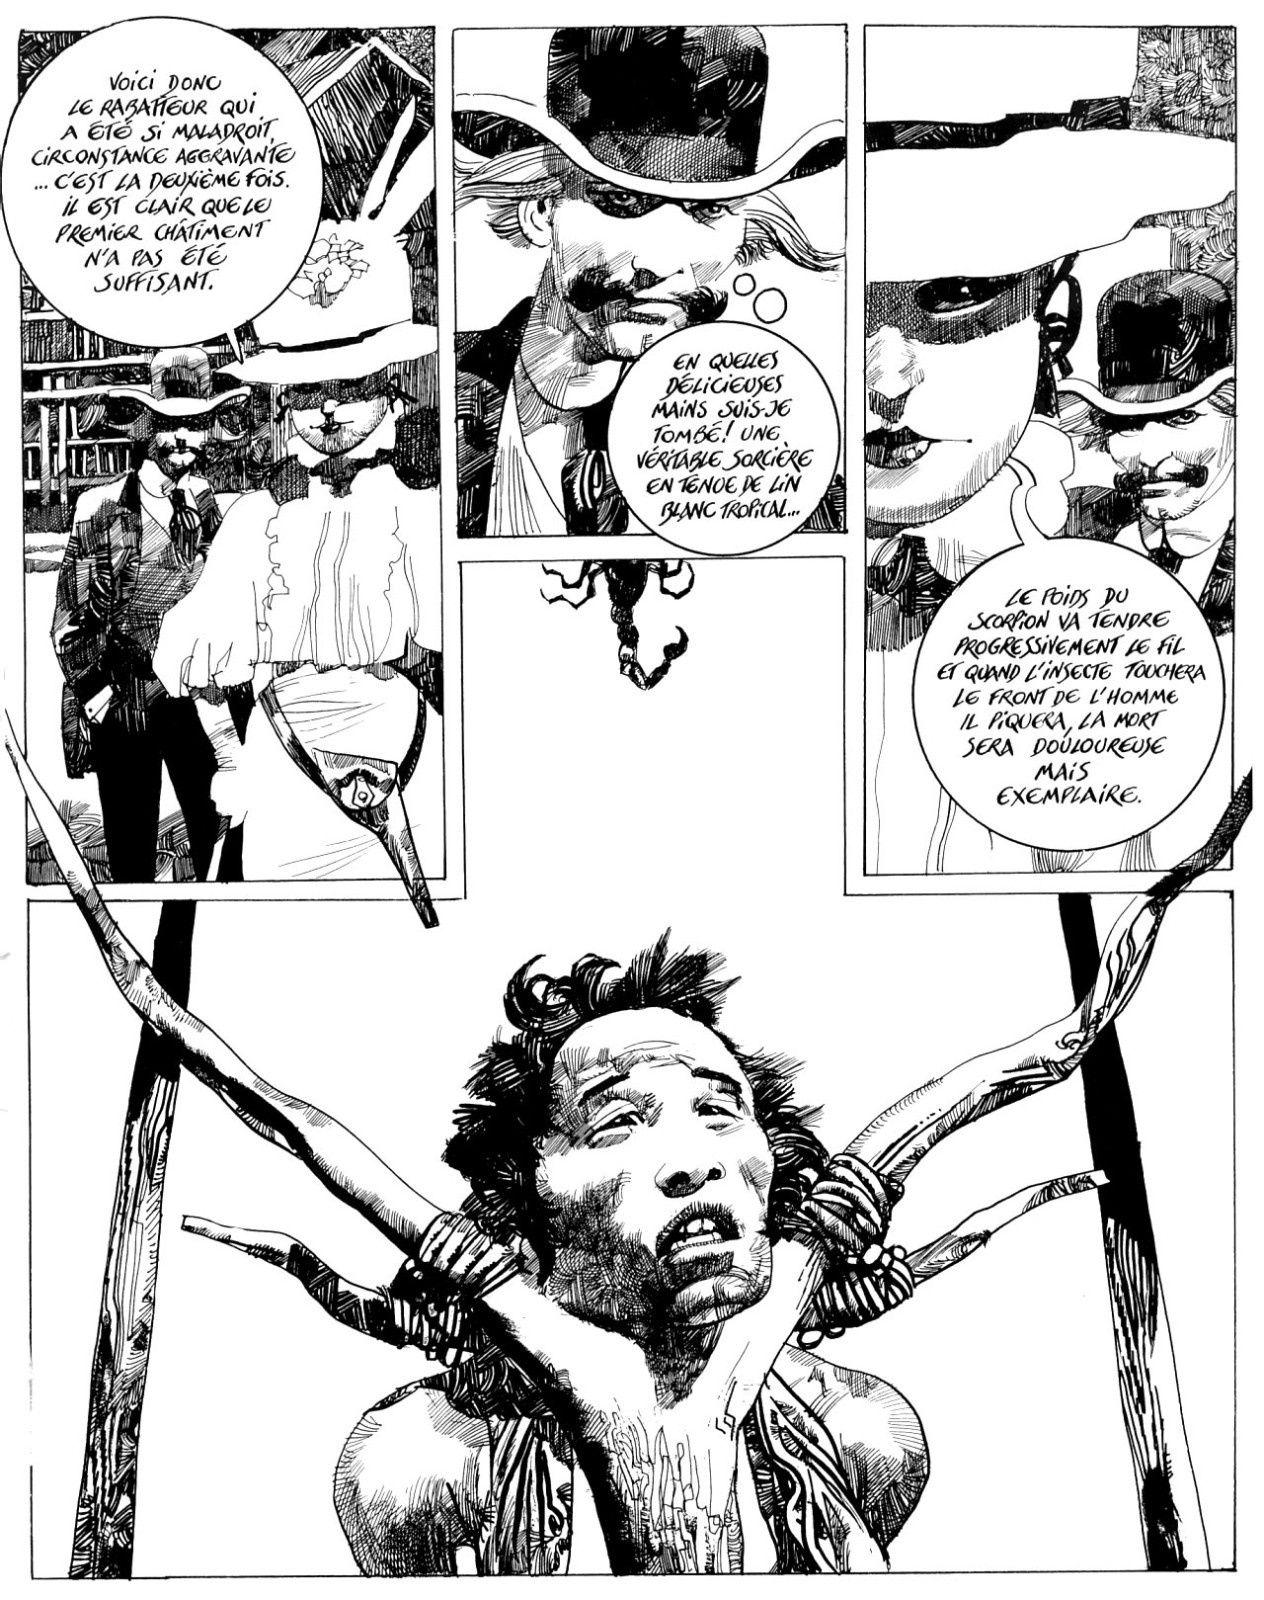 Les bonnes lectures d'Oncle Fumetti...Le joyau mongol de Sergio Toppi chez Mosquito.